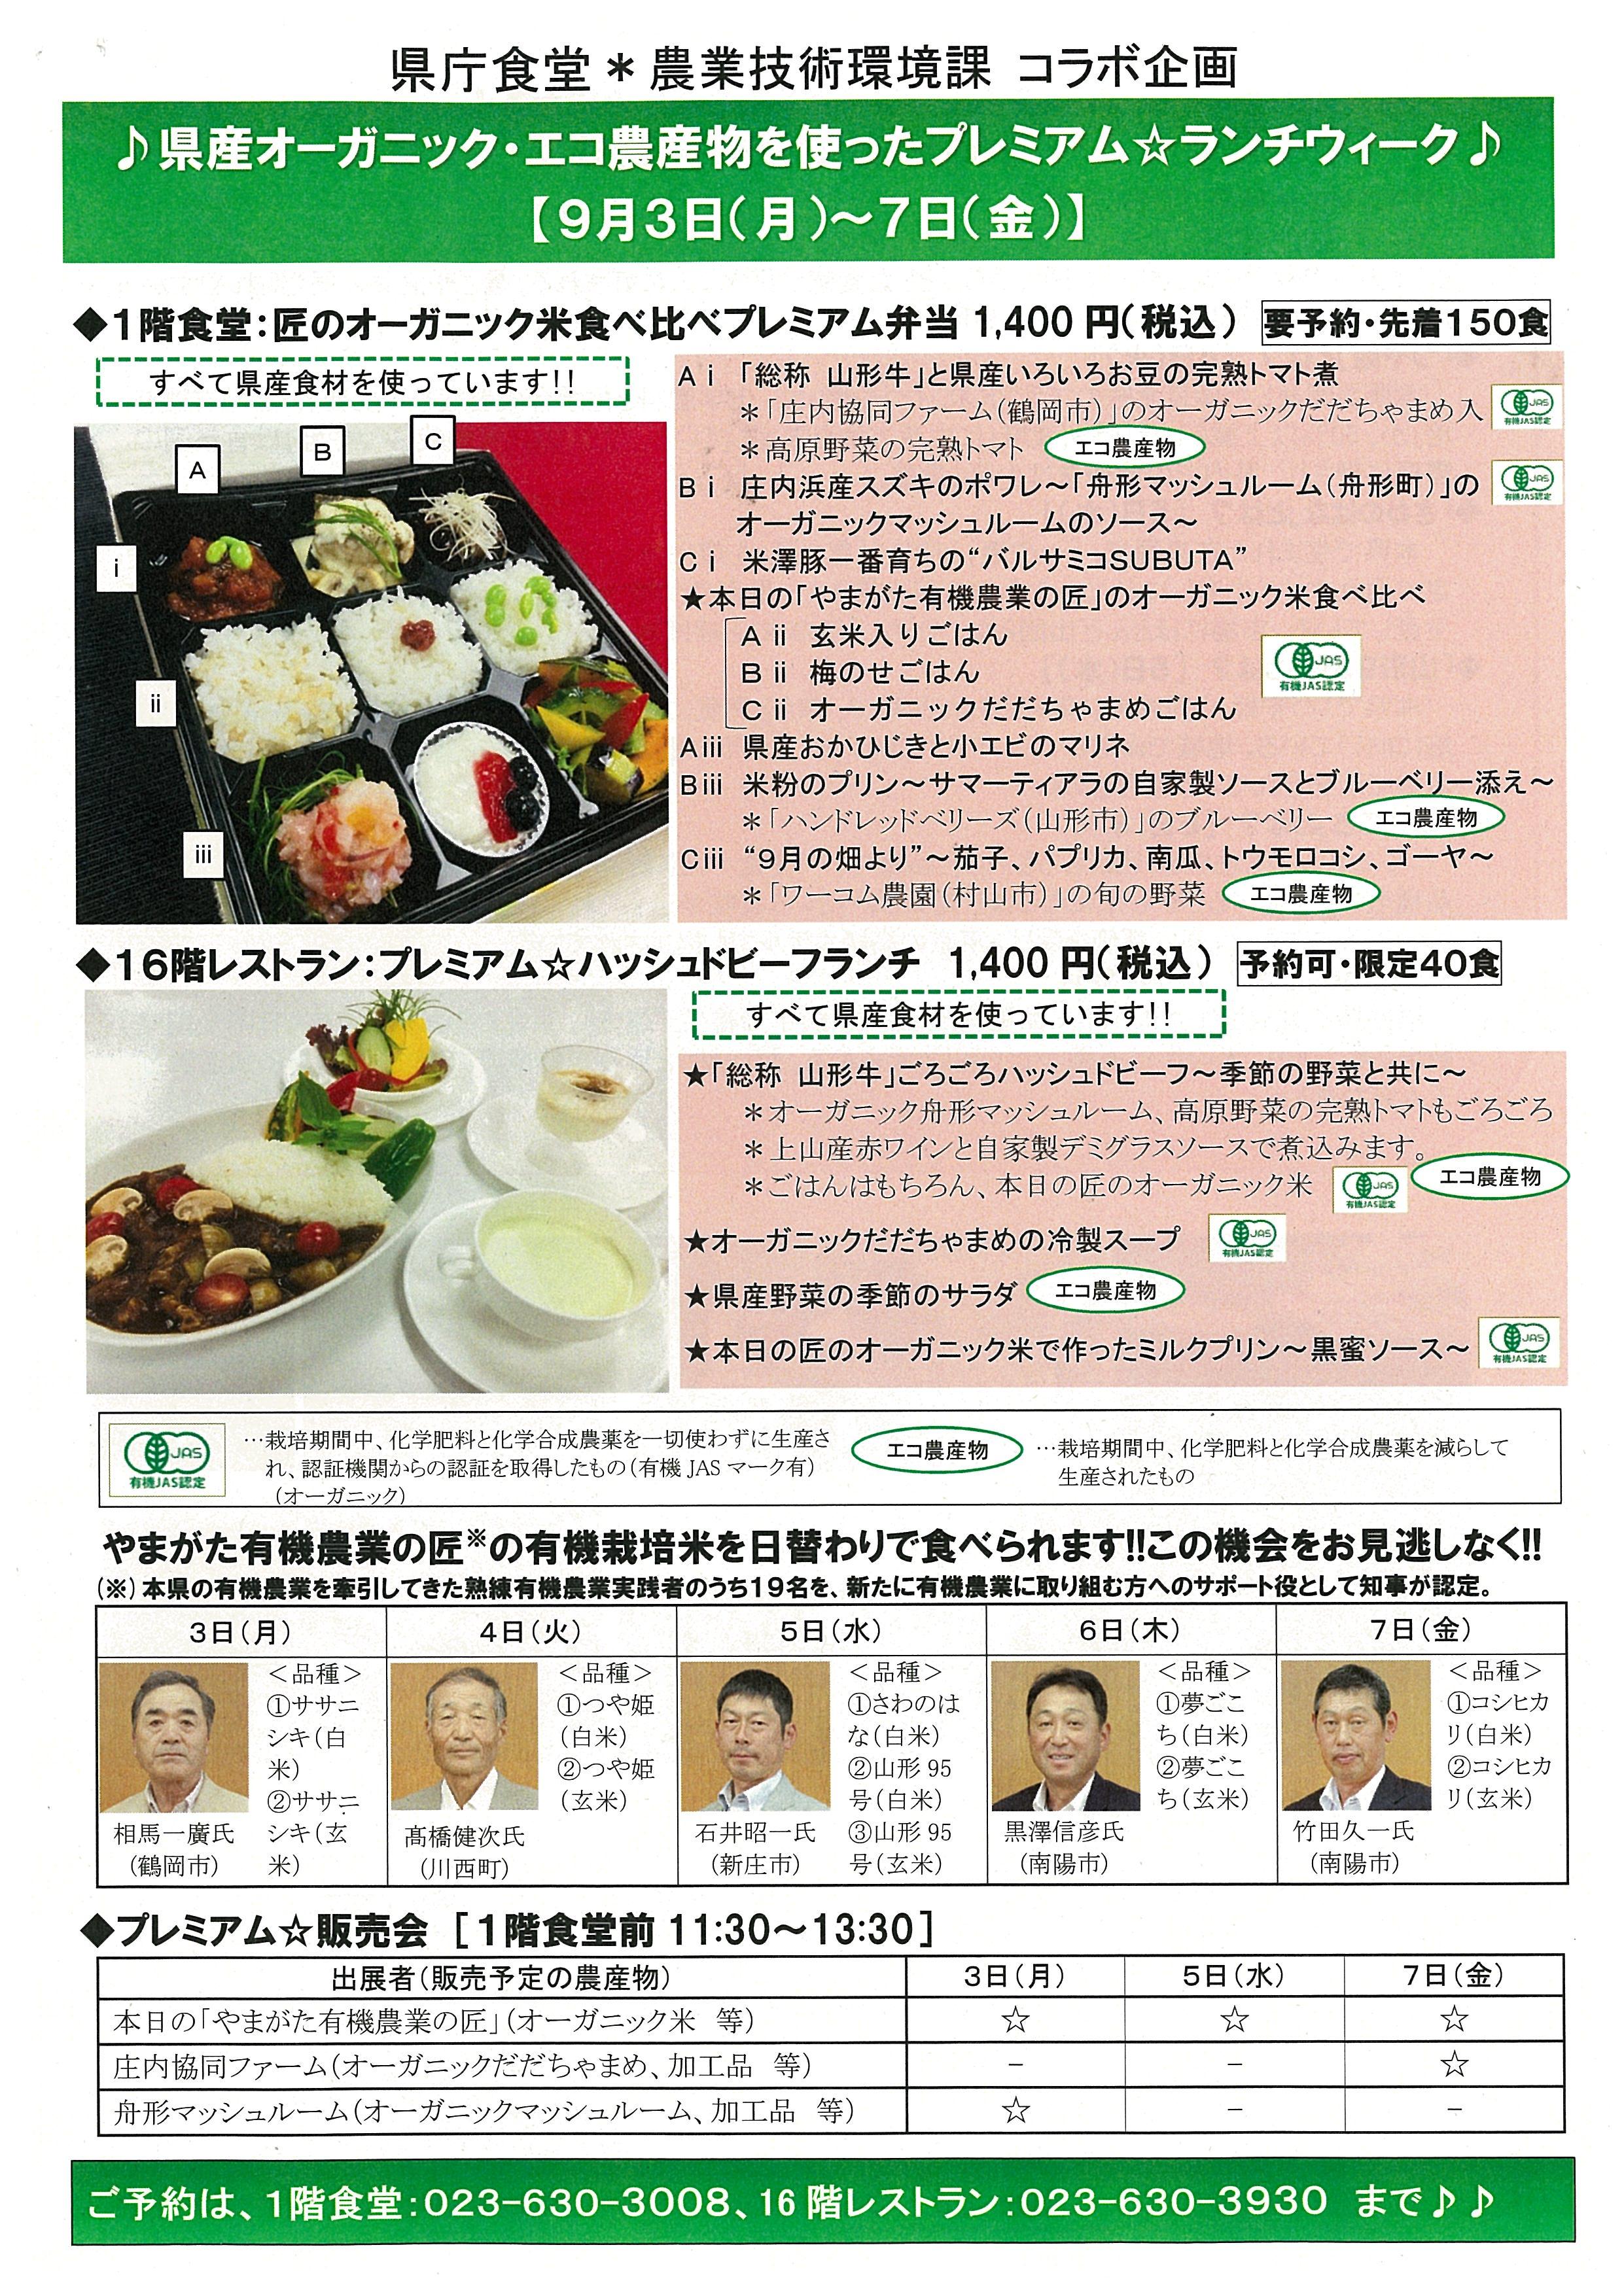 県産オーガニック・エコ農産物を使ったプレミアム☆ランチのお知らせ 〜米粉プリンが味わえます!〜:画像